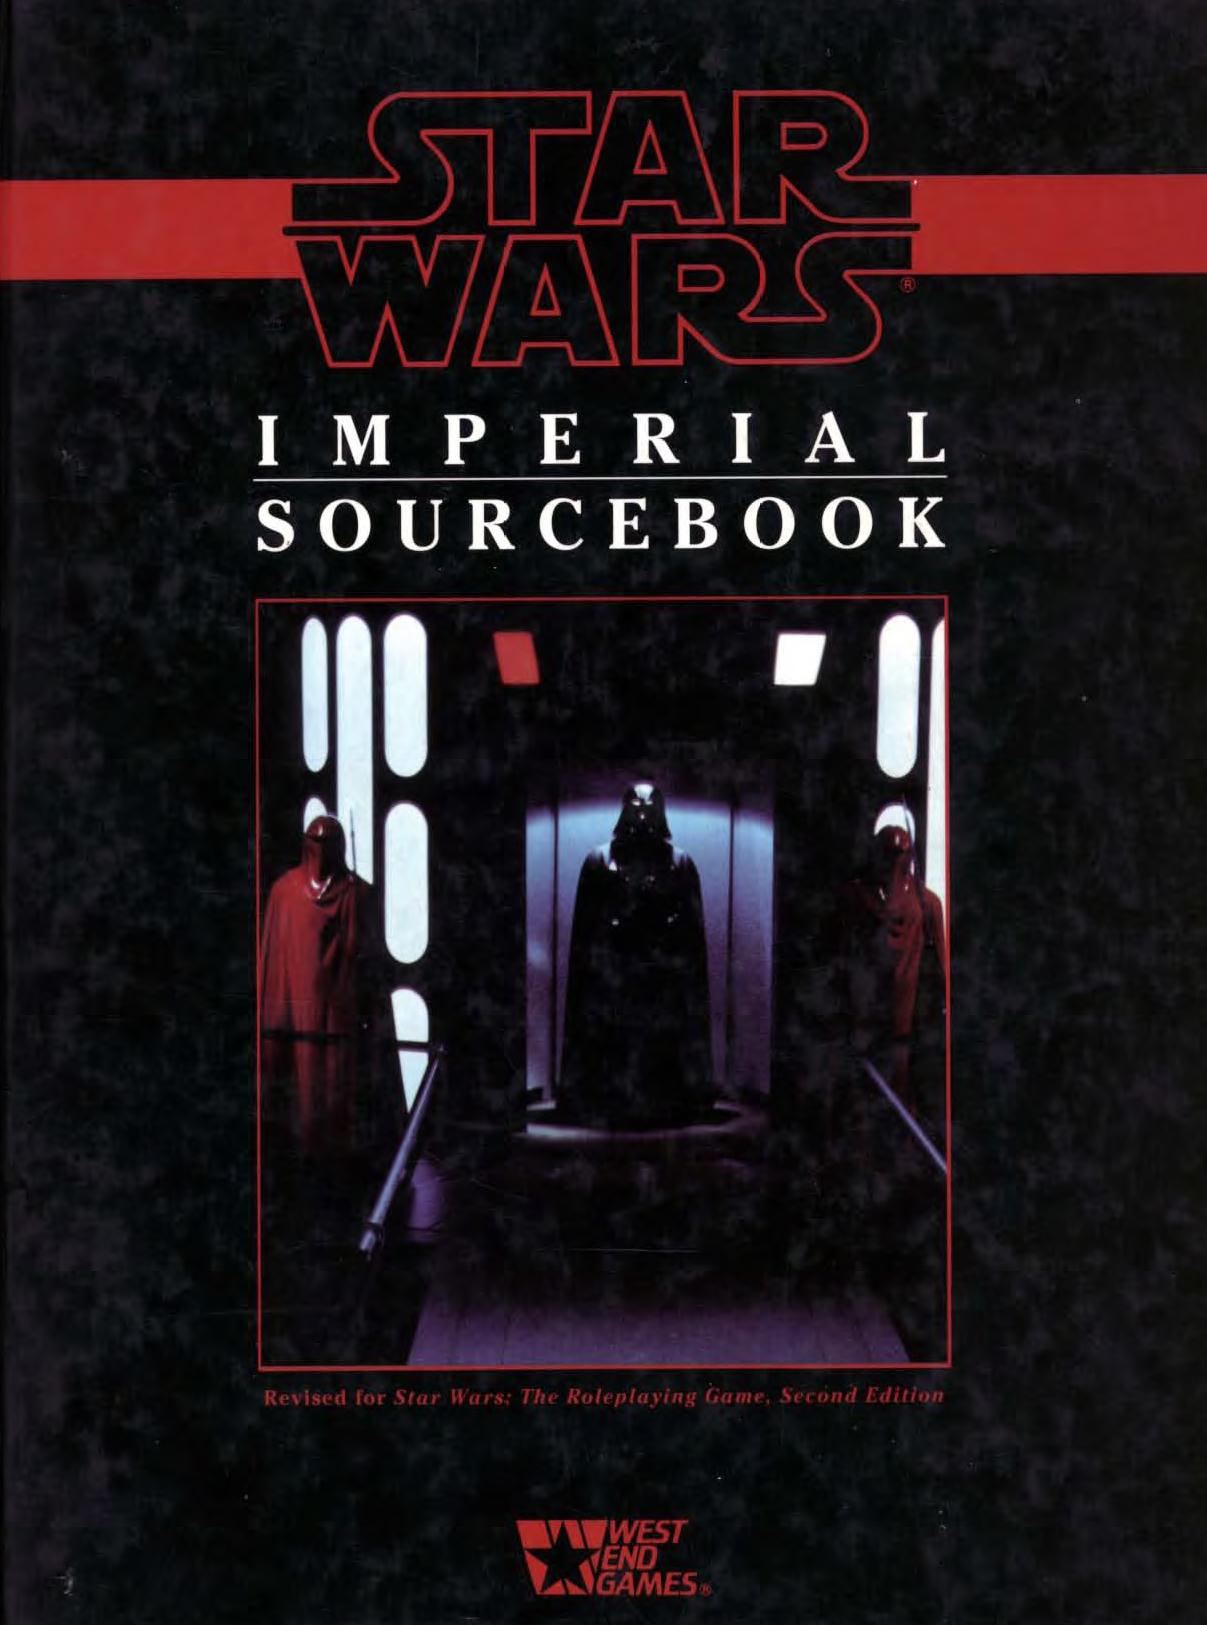 Handbuch der Imperialen Streitkräfte Imperialsourcebook-2ndedition